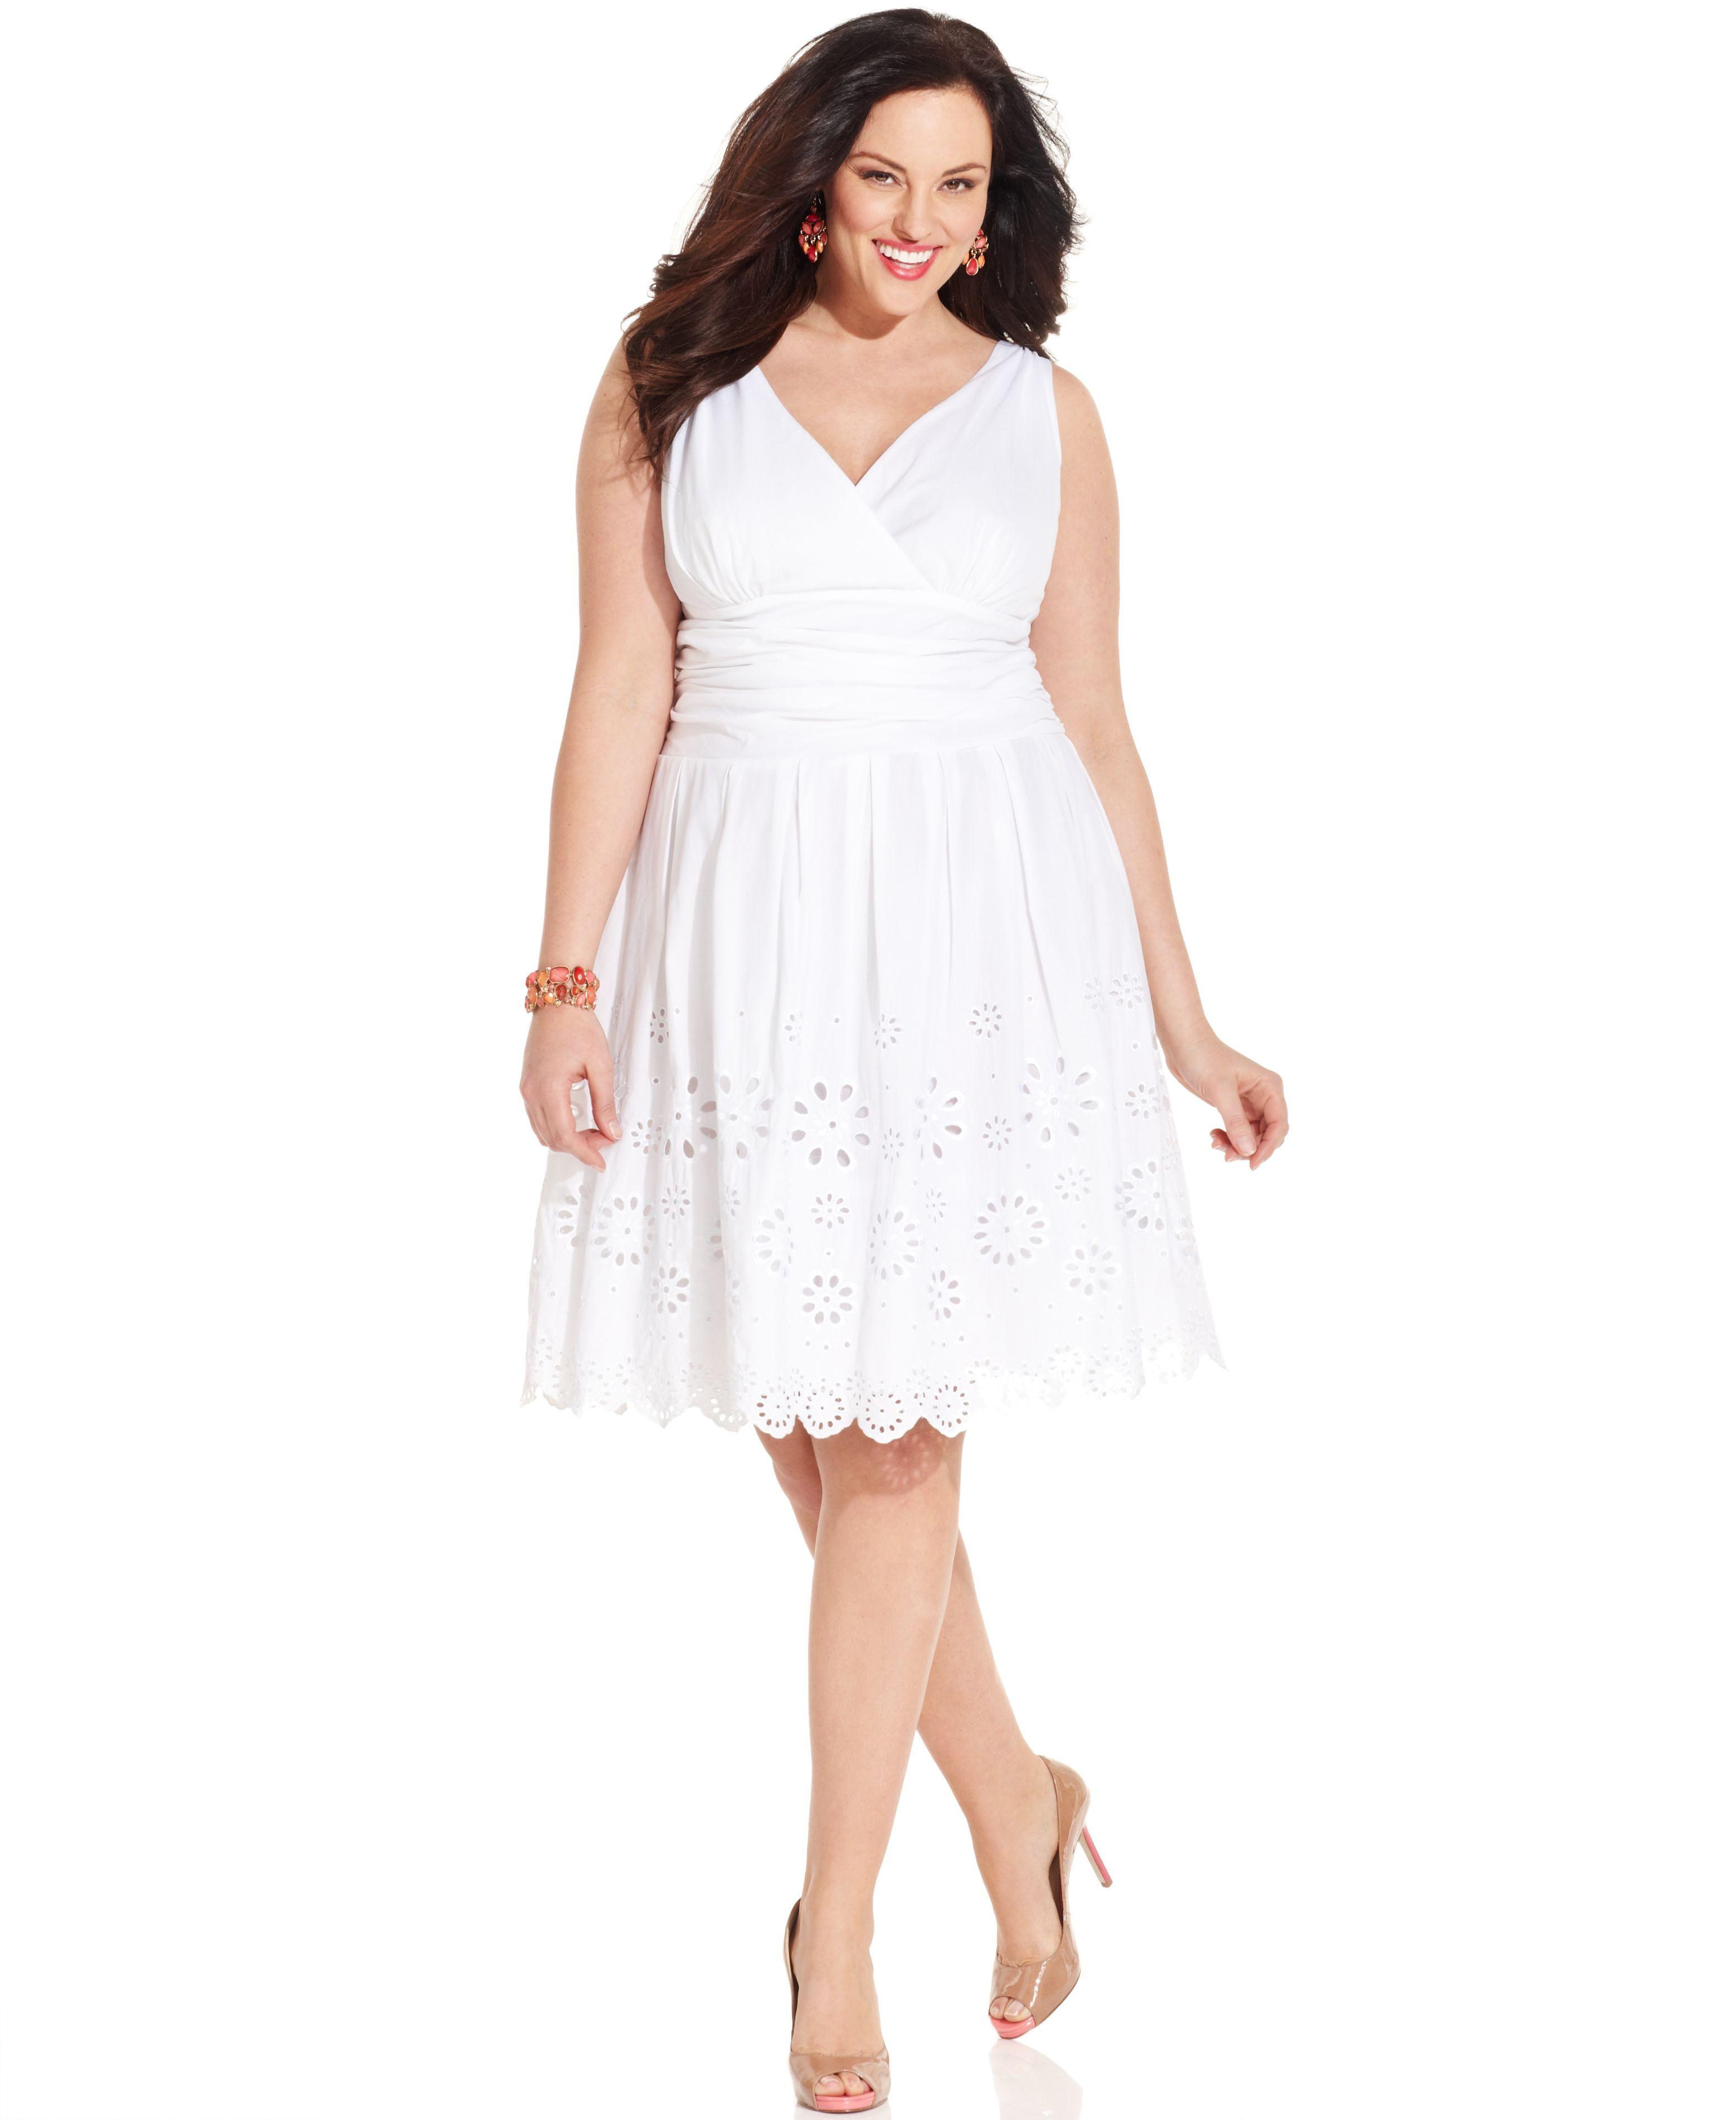 Sl Fashions Plus Size Dress, Sleeveless Ruched Eyelet